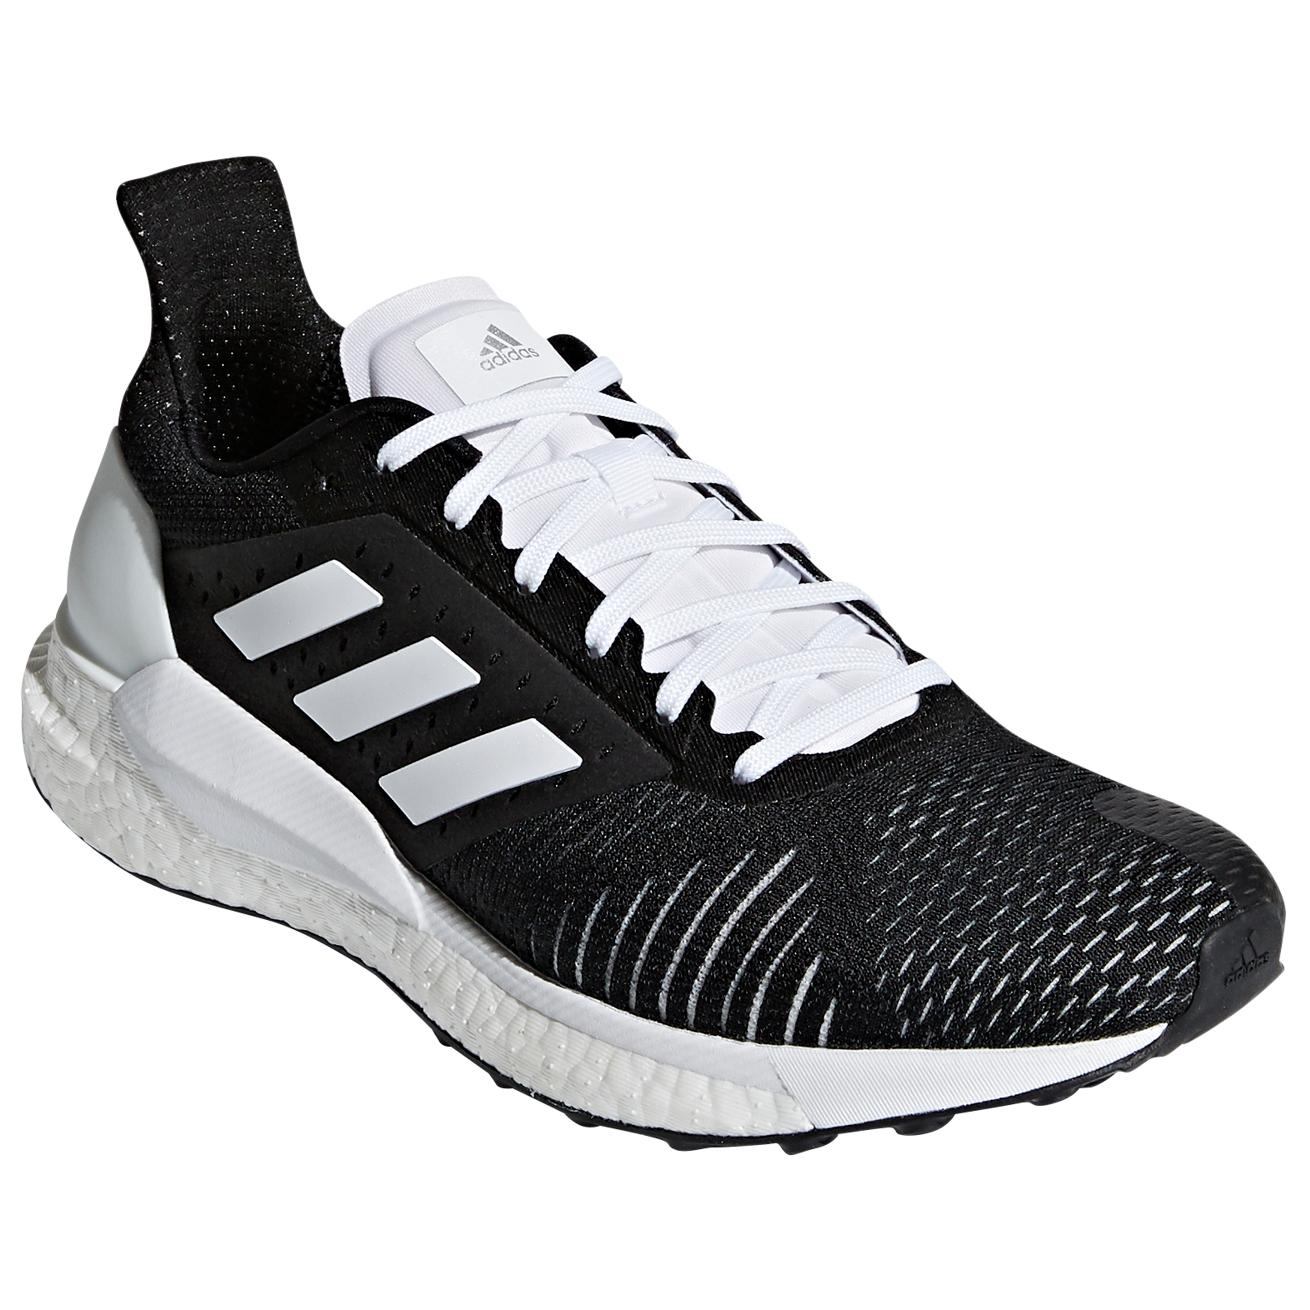 adidas Women's Solar Glide ST Runningschuhe Core Black Core Black Ftwr White   4,5 (UK)